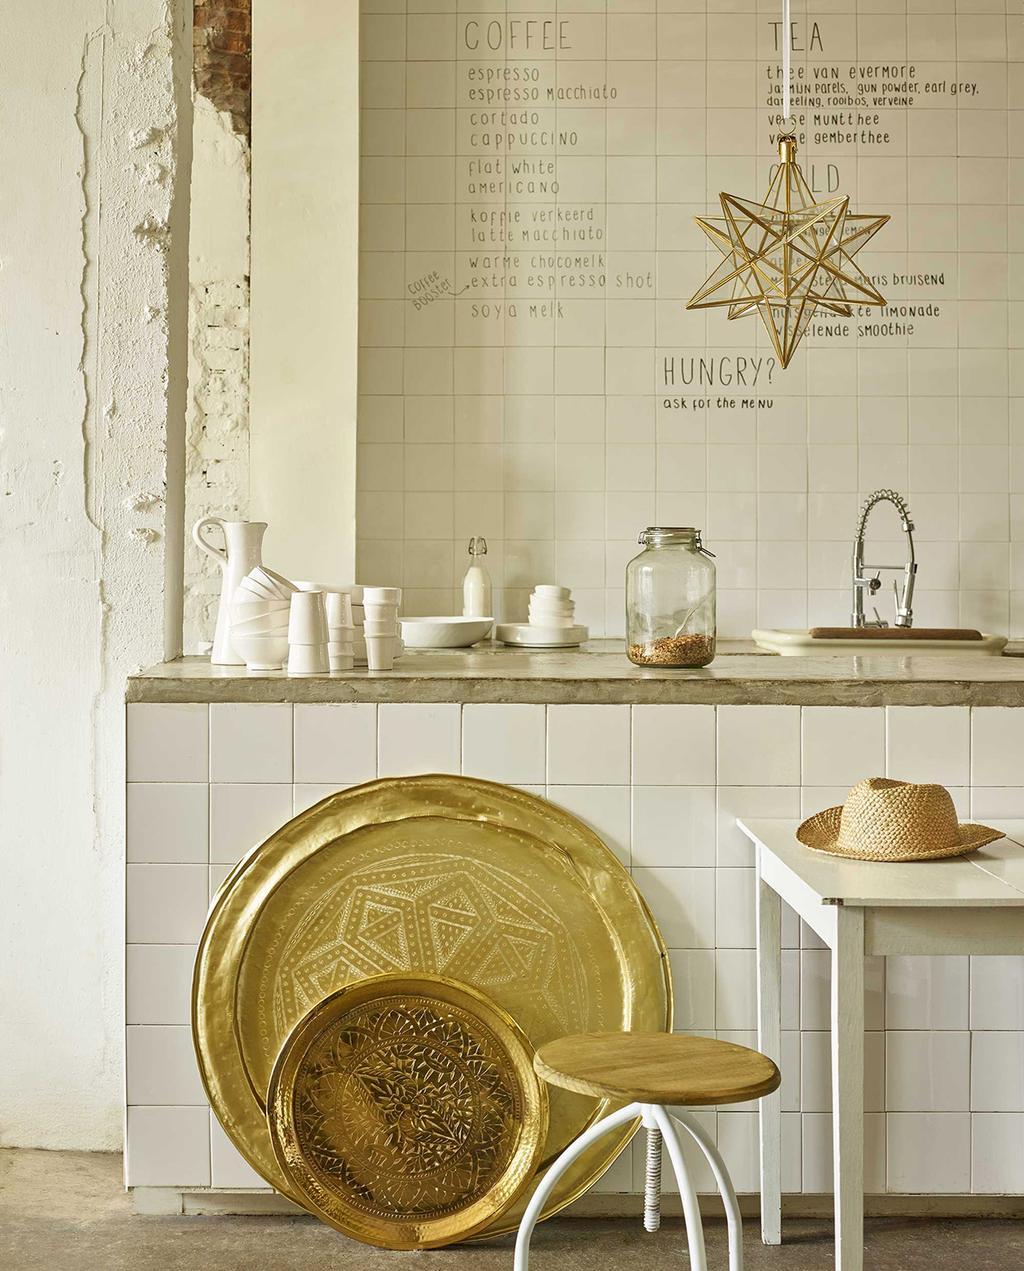 vtwonen 07-2016 | grote schalen met goud in de keuken